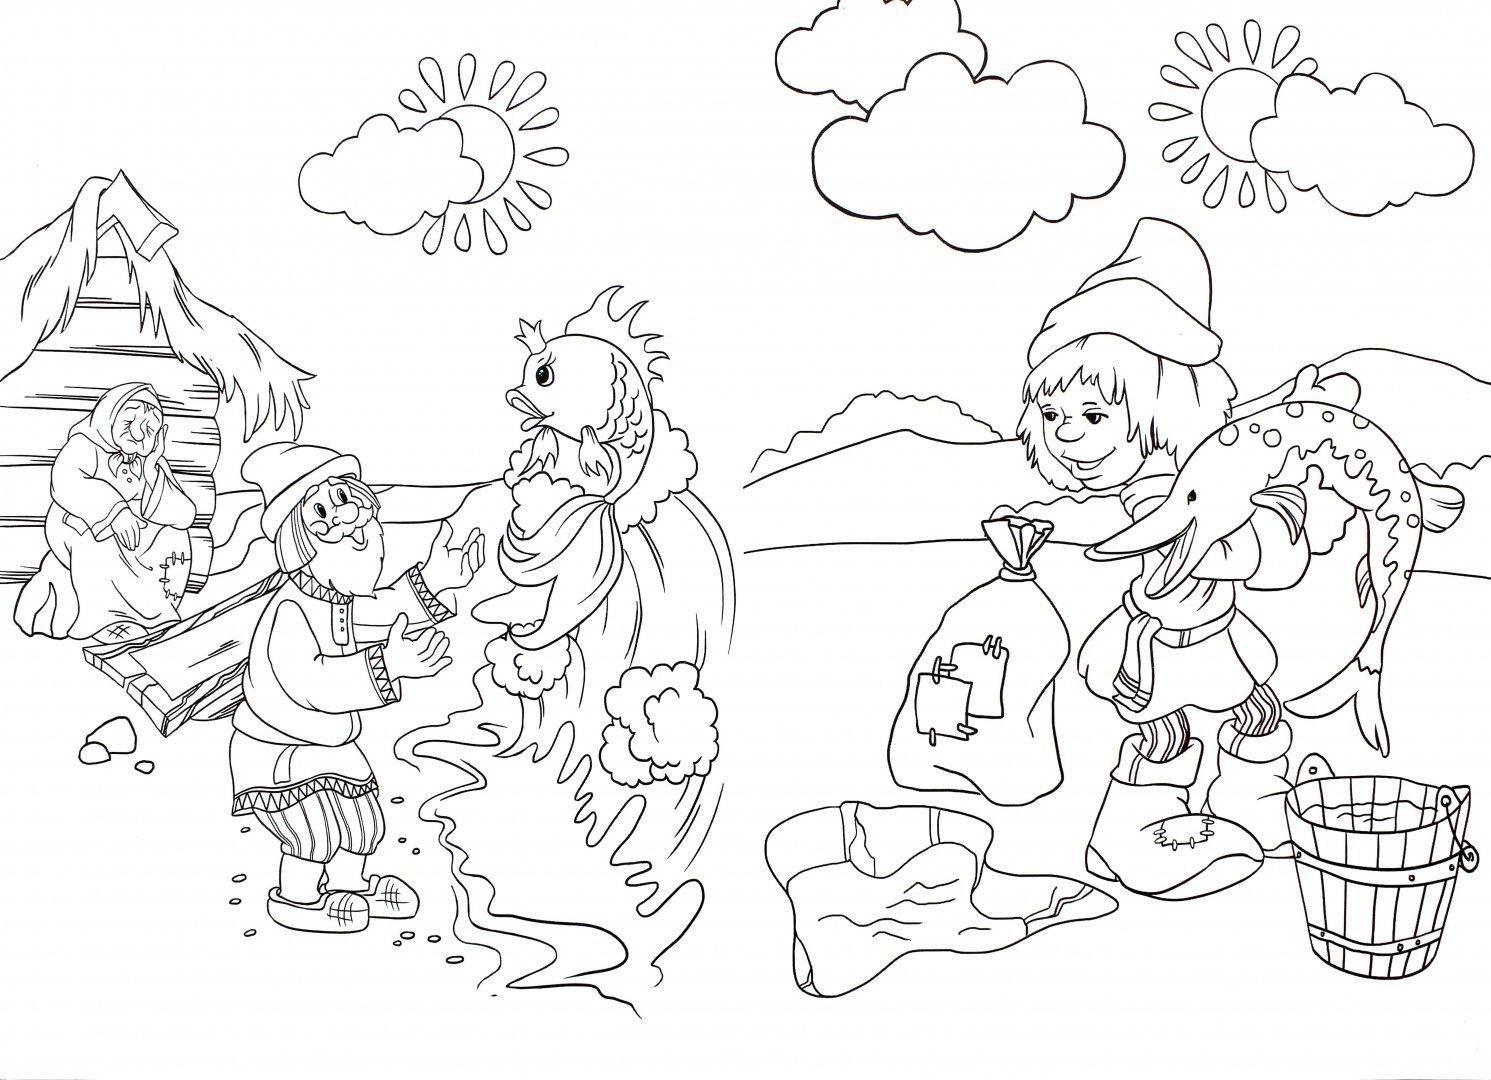 картинки для рисунка русских народных сказок большей мере рисунок